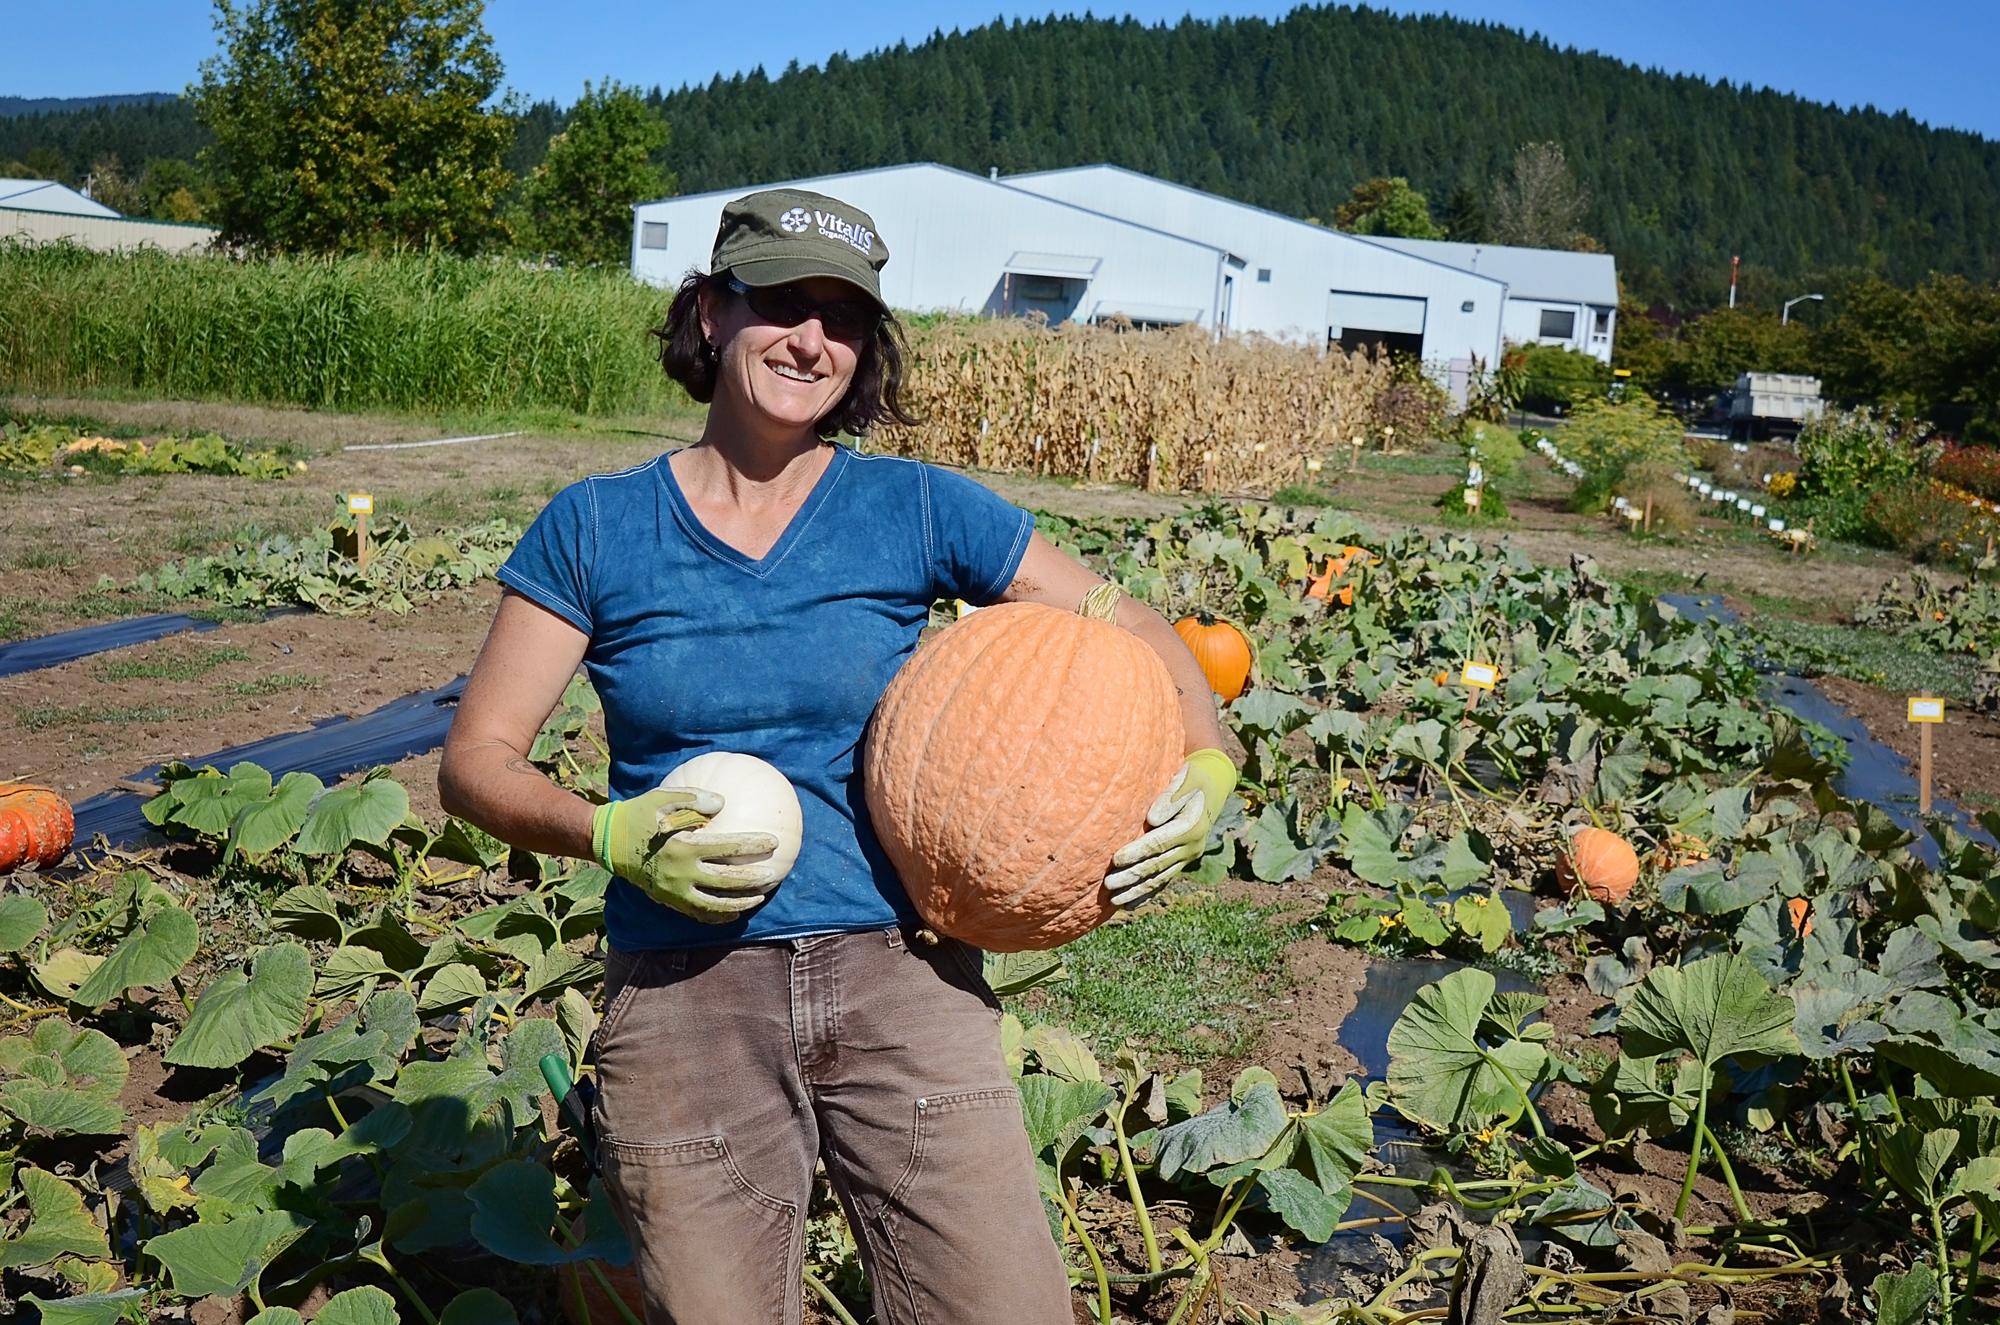 Andrea-evaluating-pumpkins-9-23-15.jpg